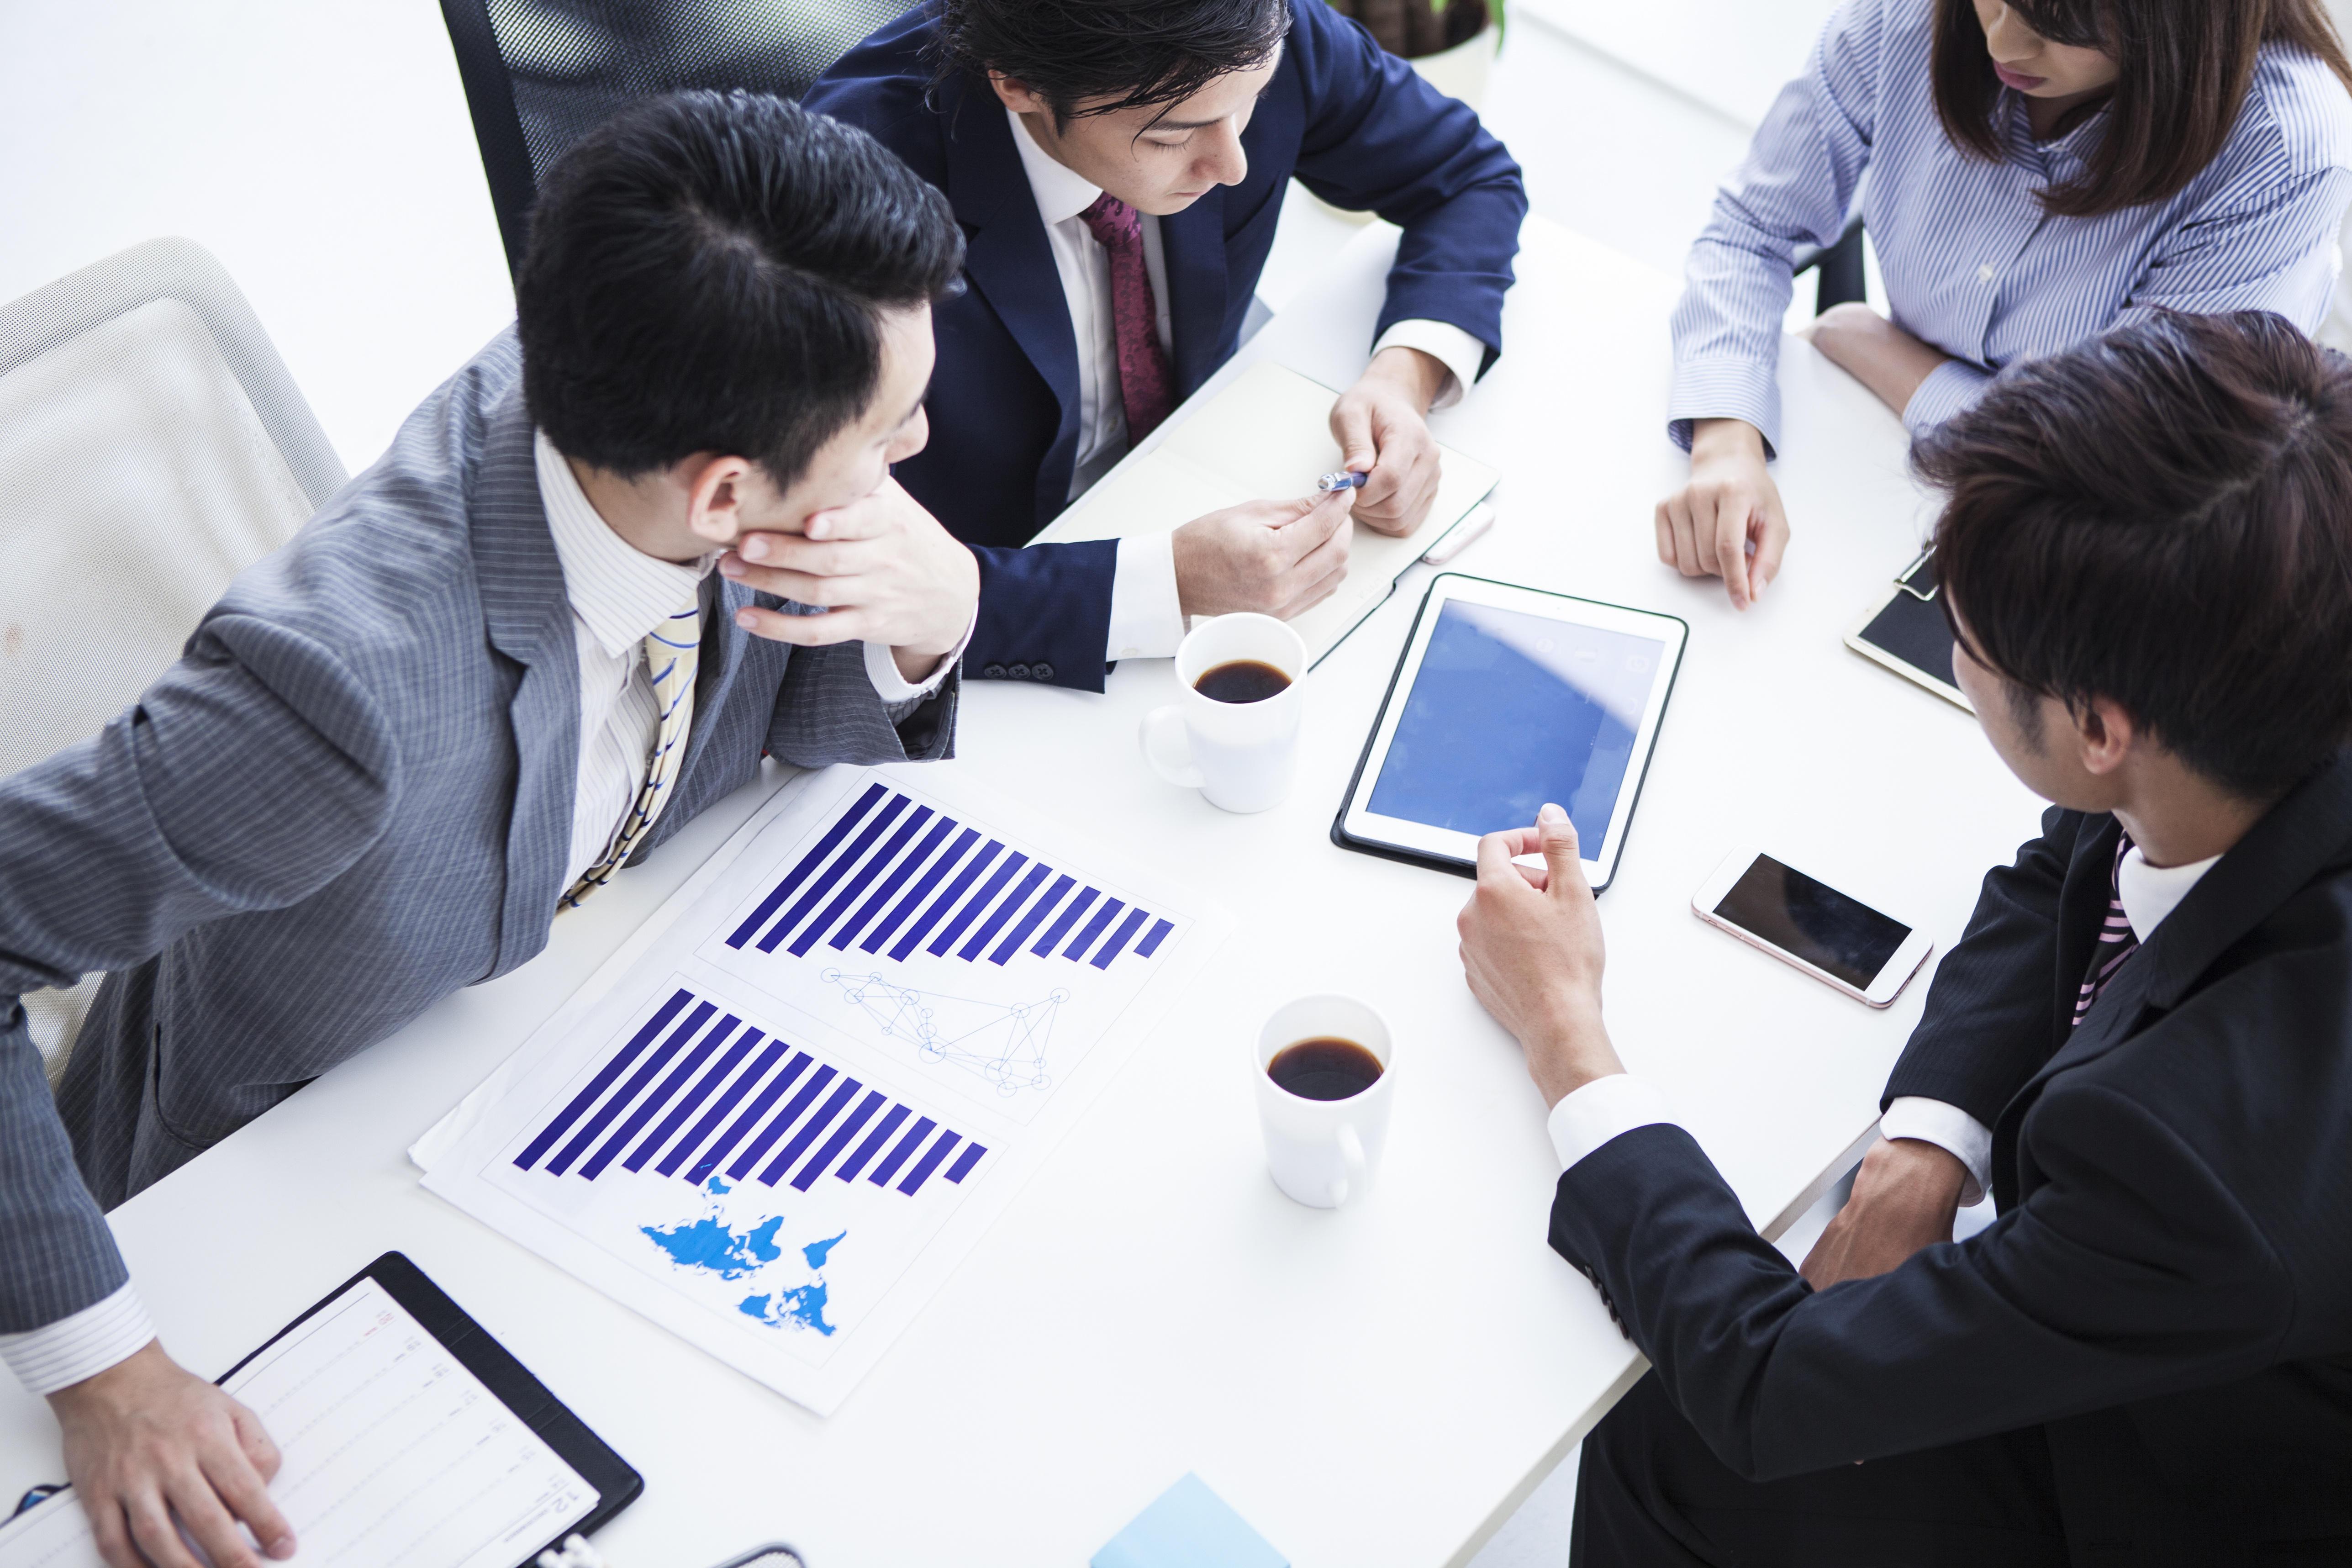 管理会計の実践で、経営にスピーディーな意思決定を